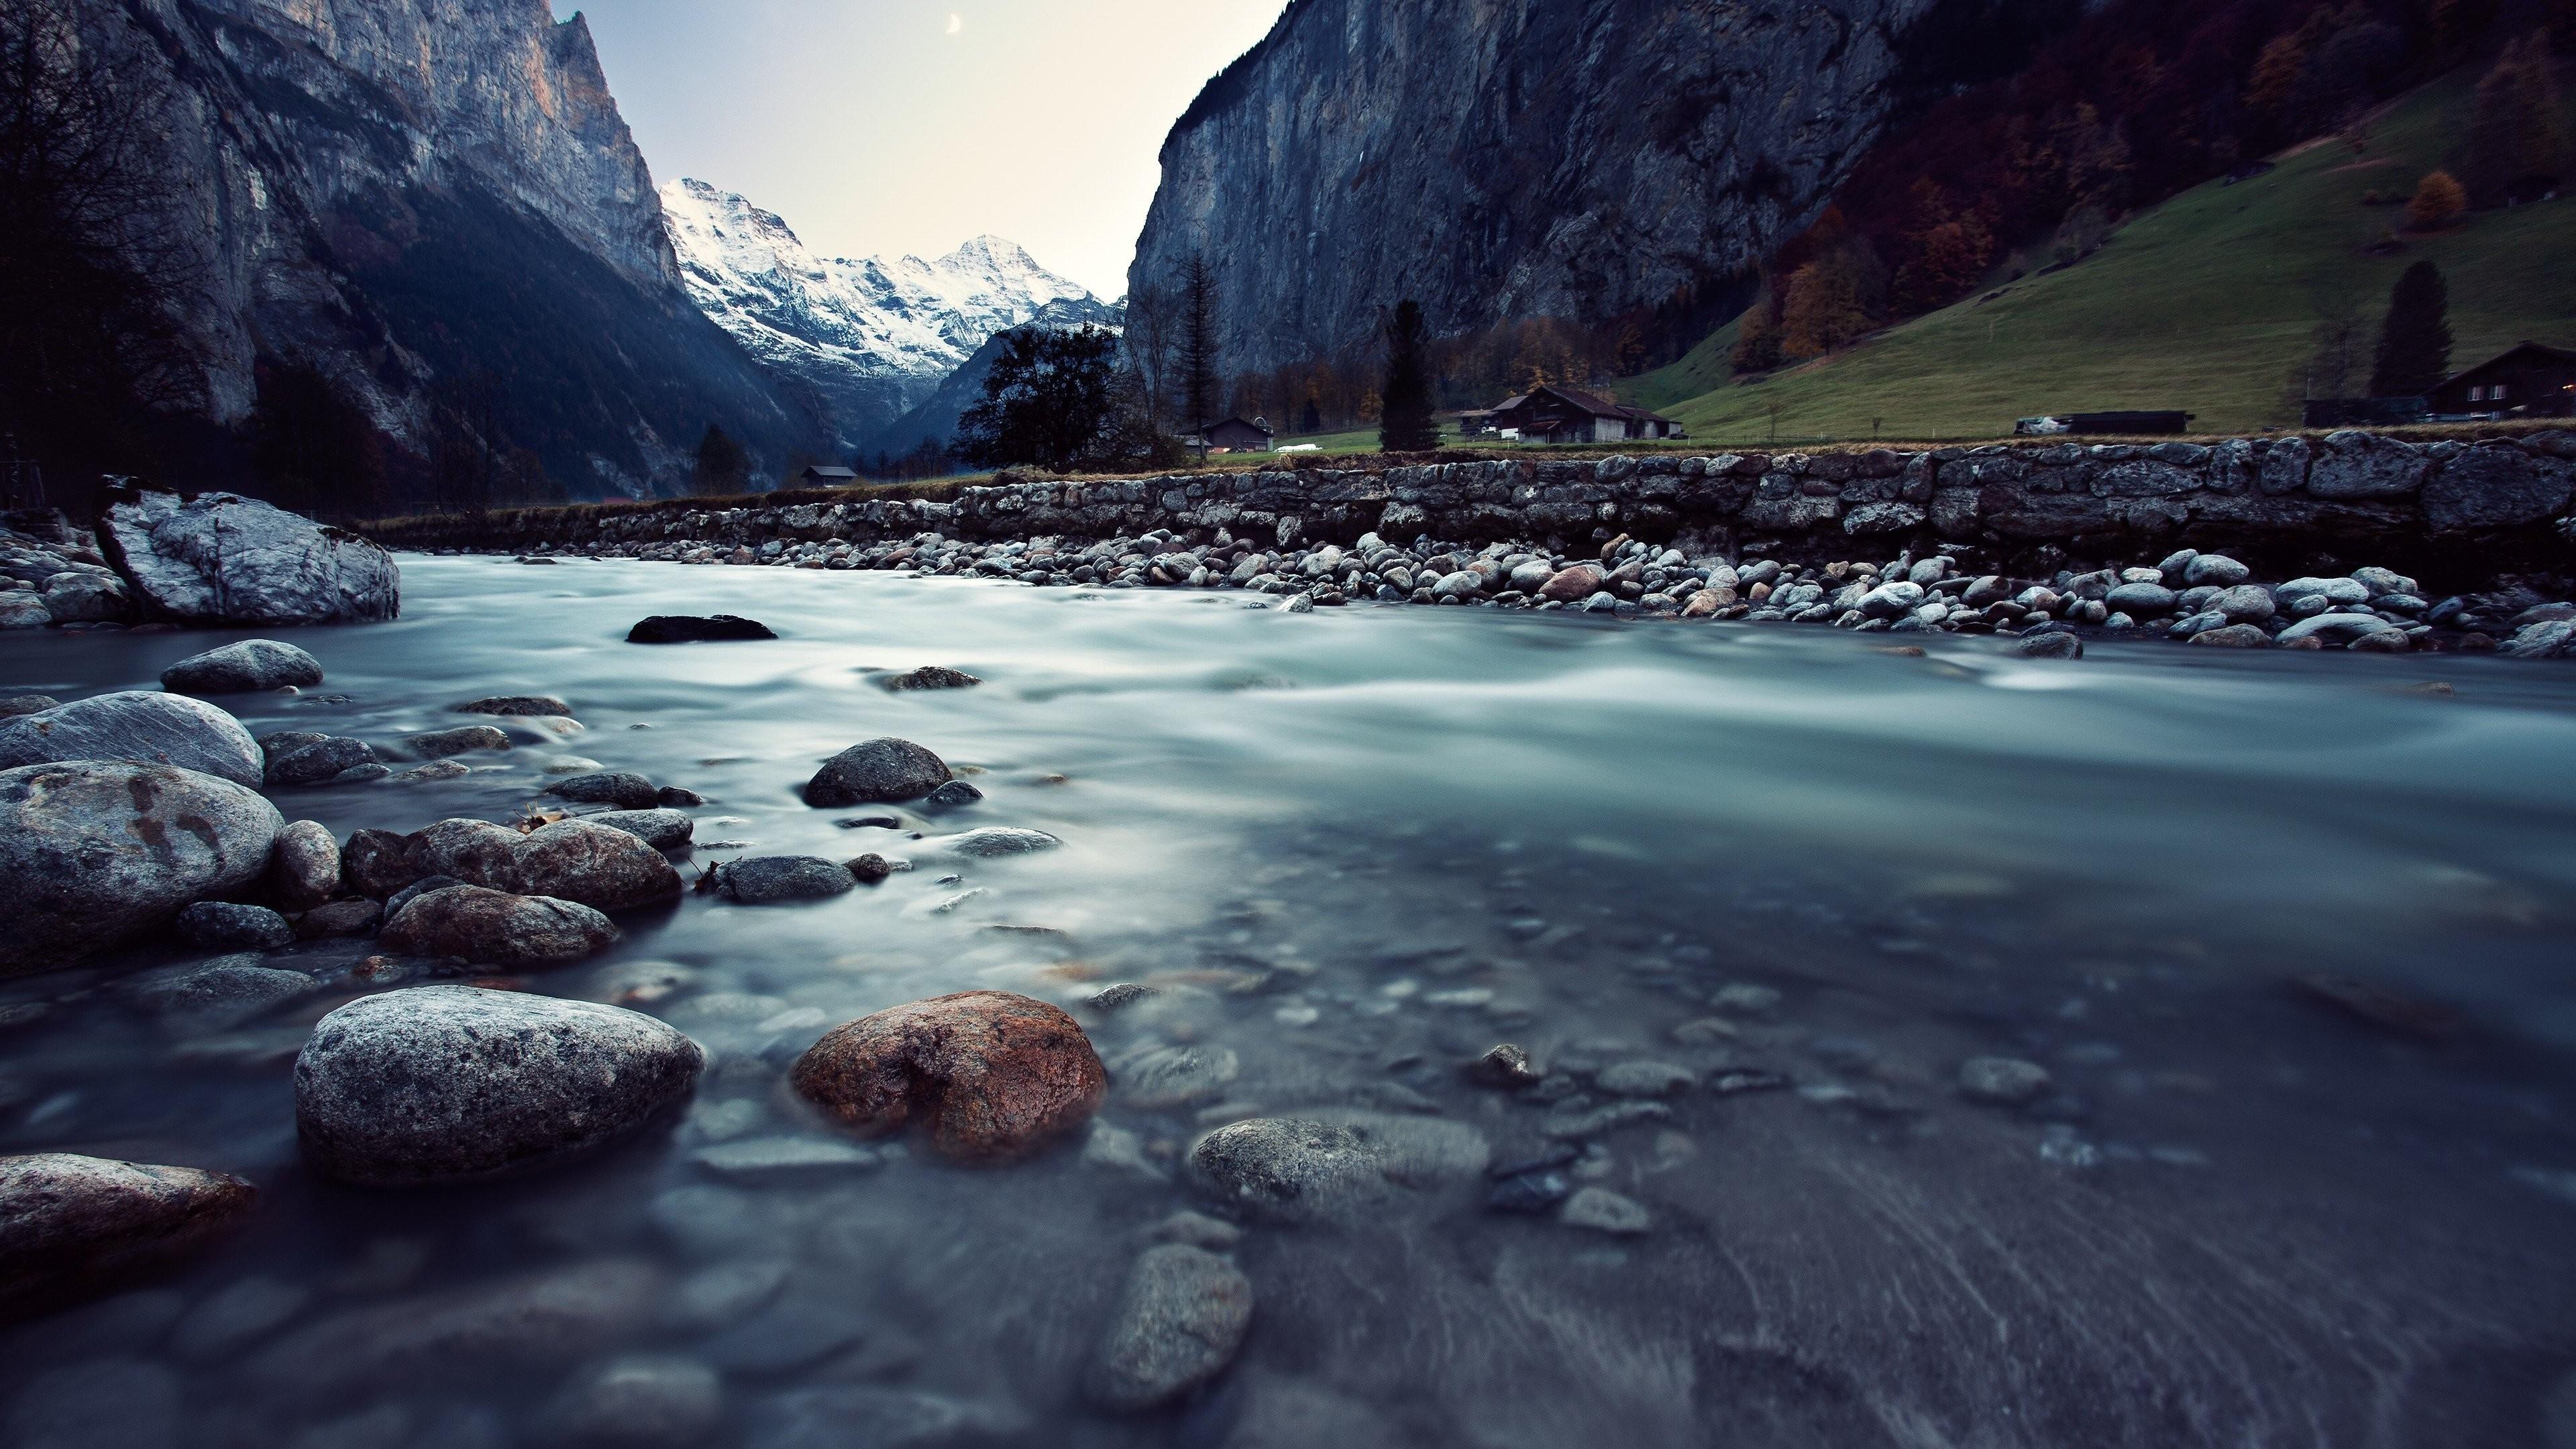 Hình nên con suối trong thung lũng